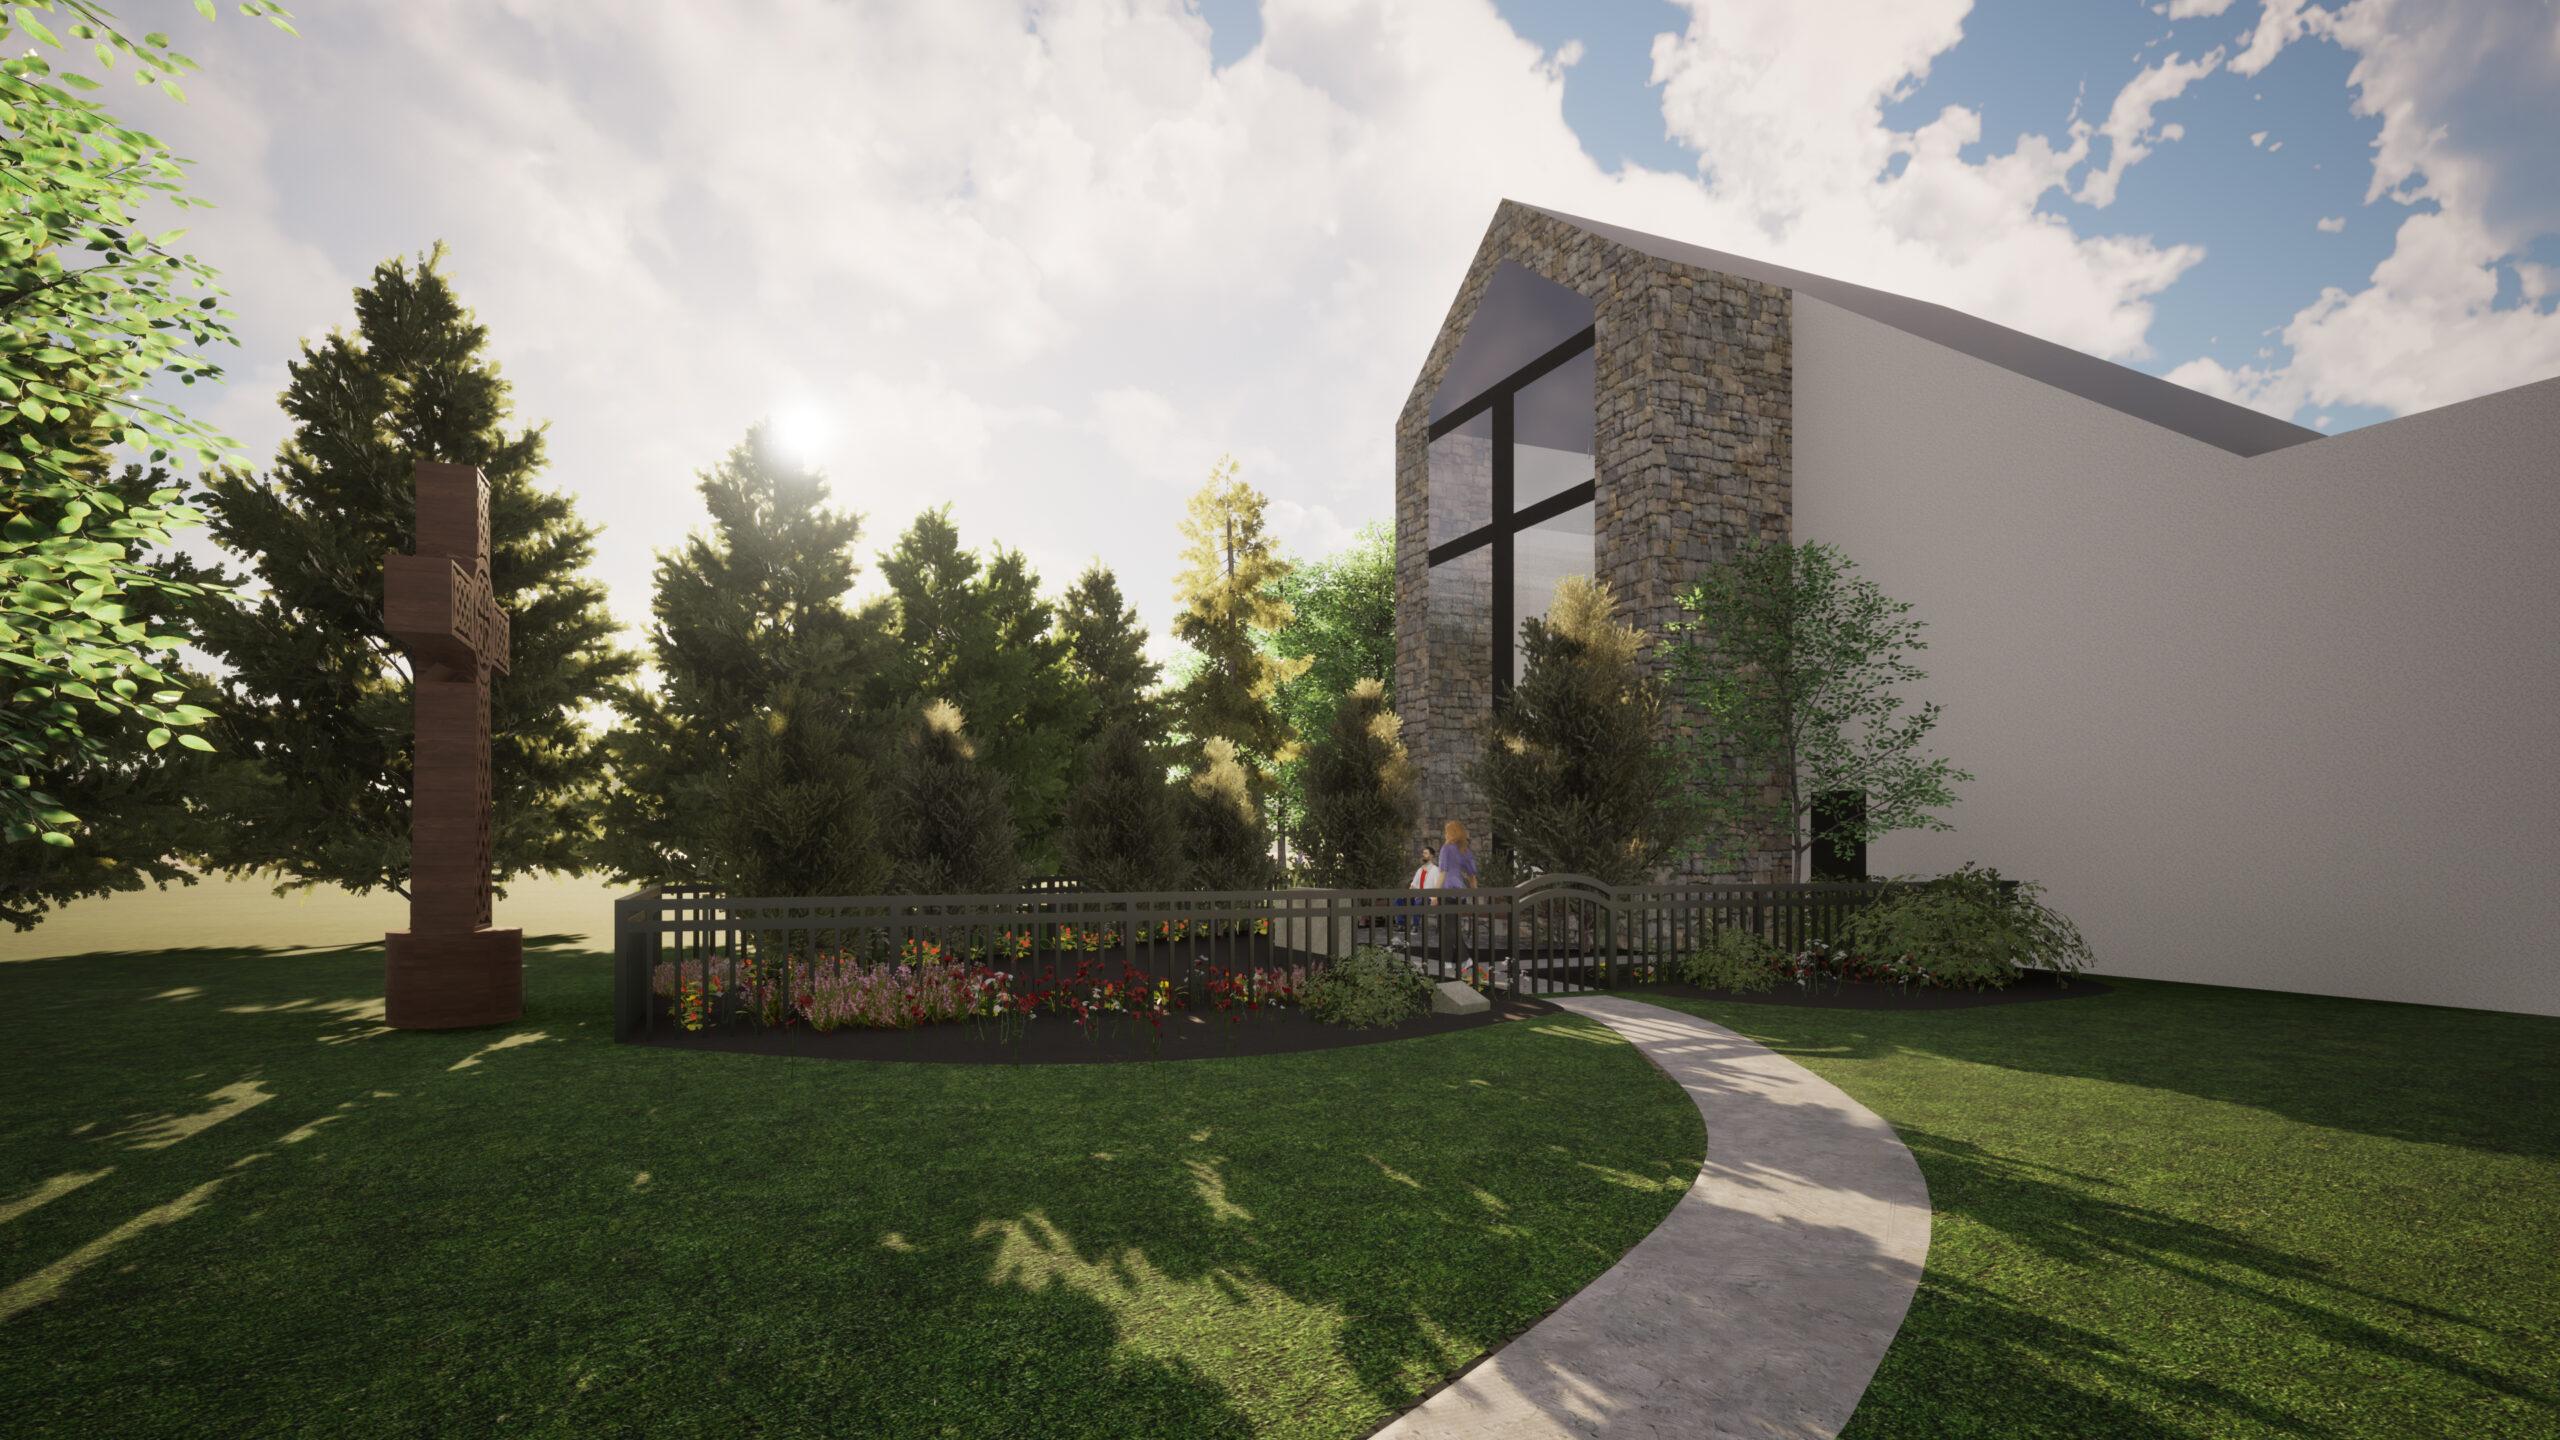 Memorial Garden Rendering for 2020 Beautification - Walkway View